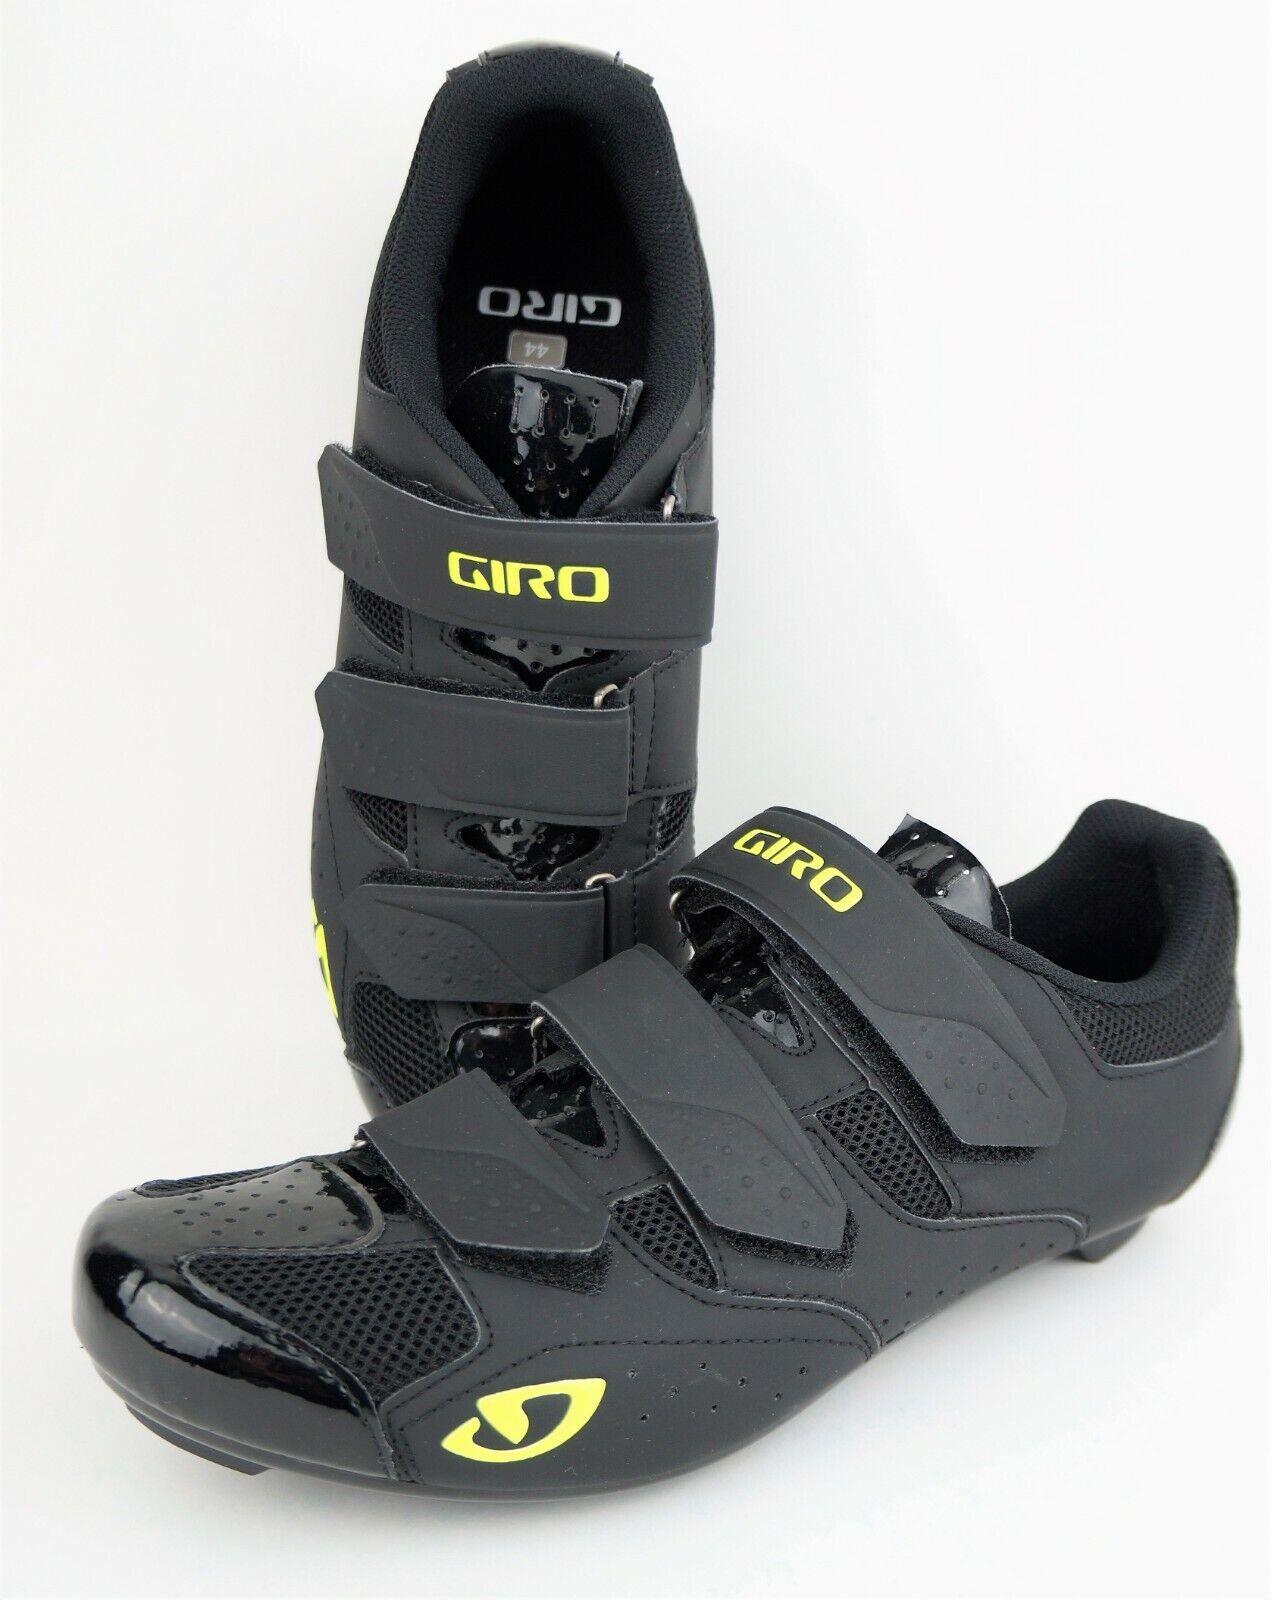 Giro Gradis RD para hombre Negro Resaltar Amarillo Zapatos De Ciclismo  precio de venta sugerido por el fabricante  100